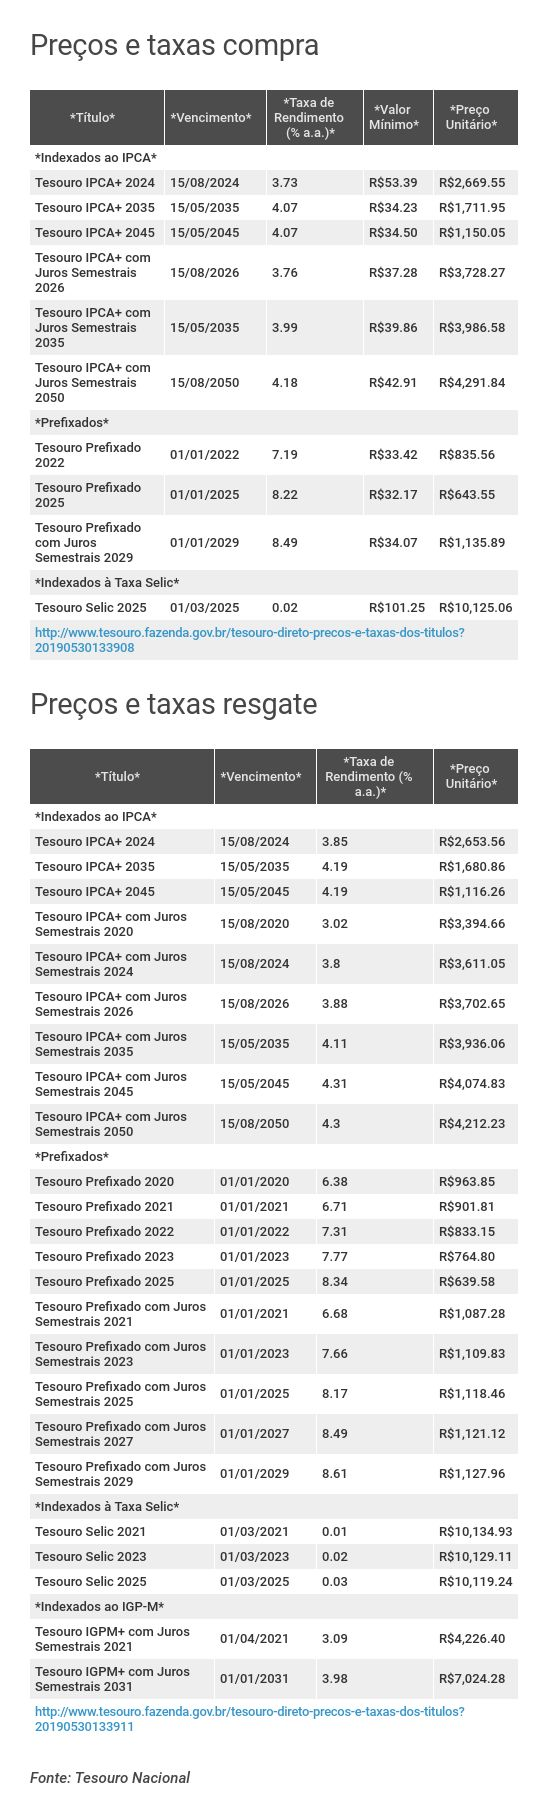 Preços e taxas do Tesouro Direto em 30 de maio de 2019 - abertura